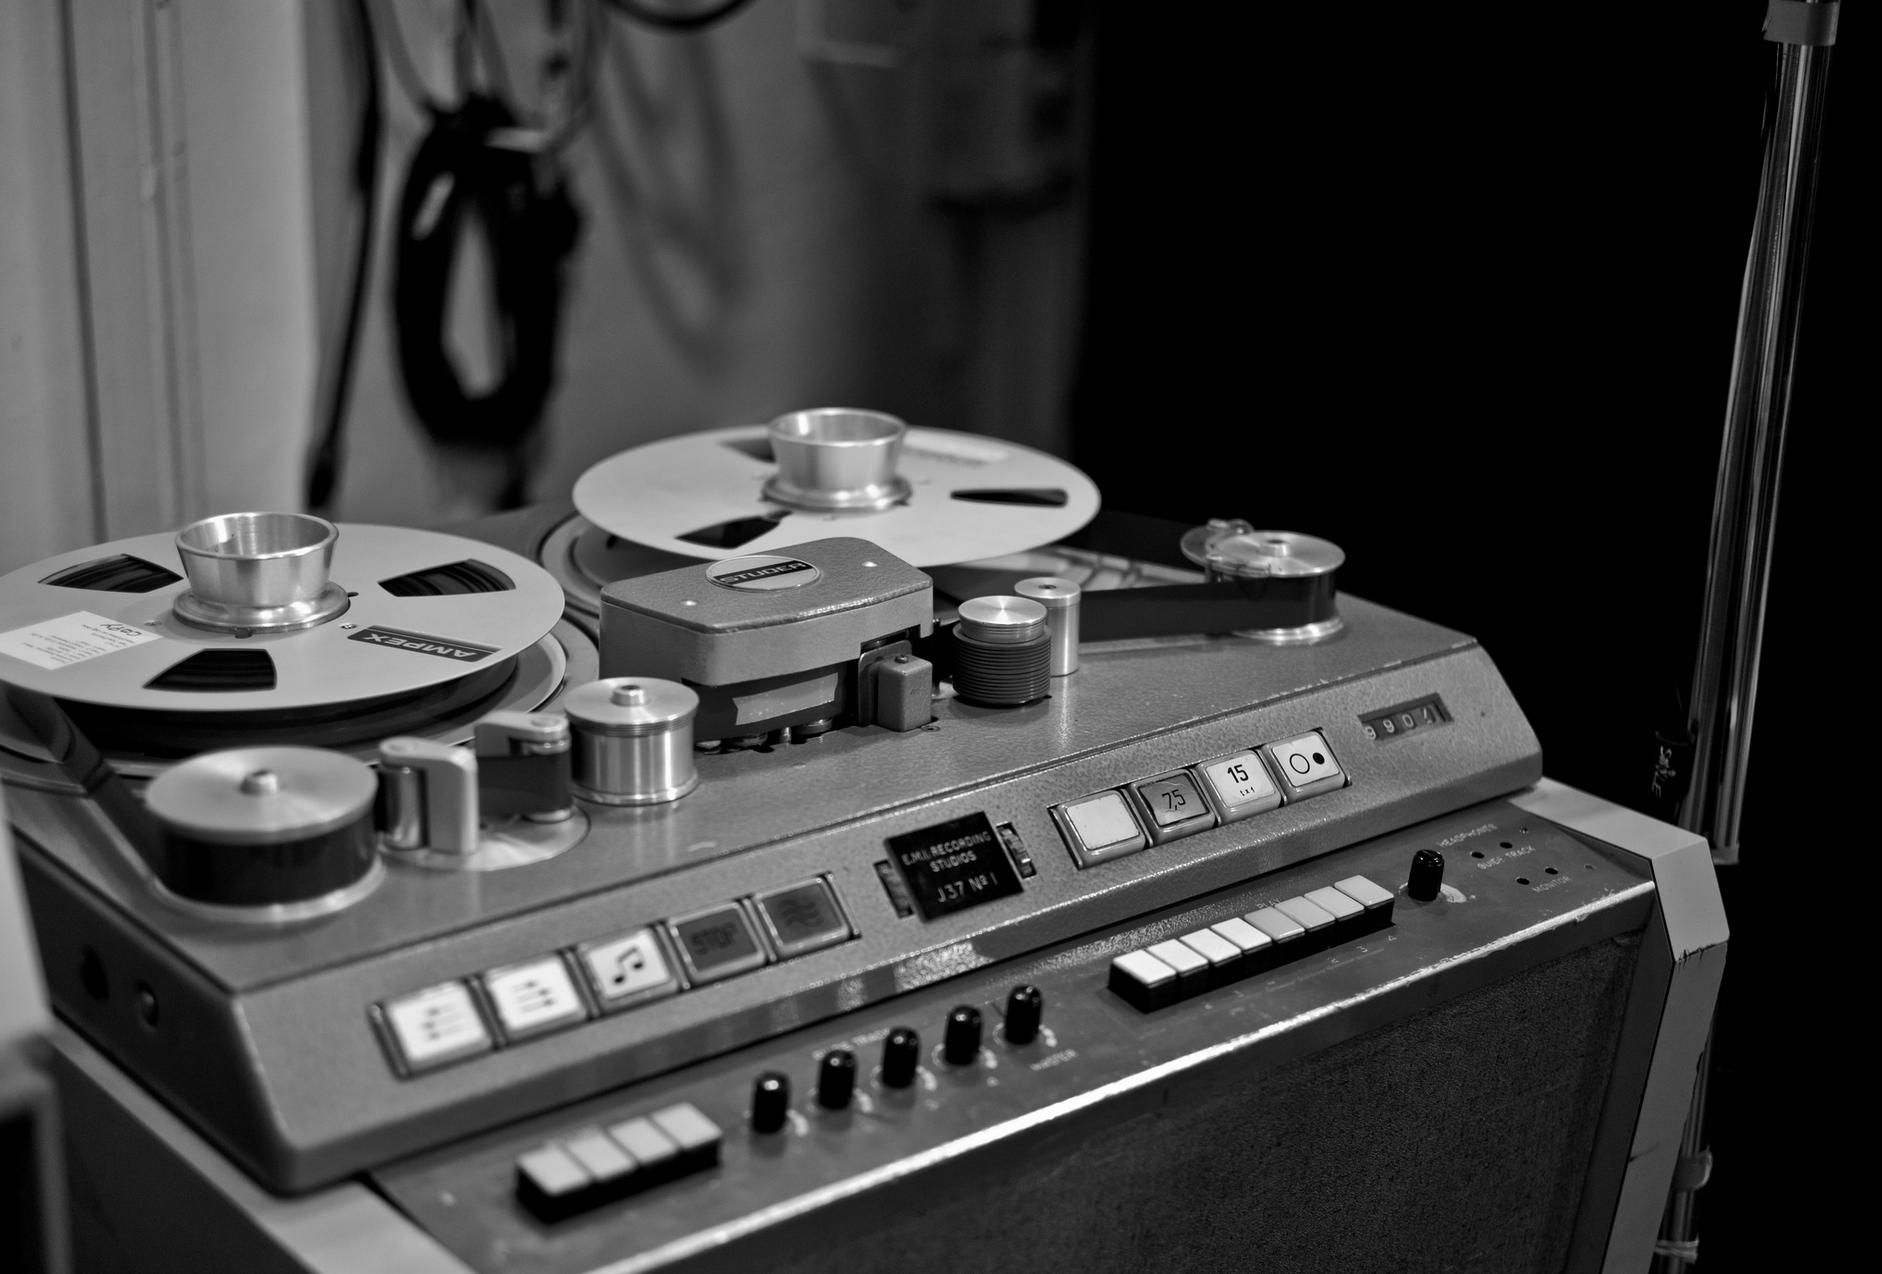 Studer J37 | Recording Consoles and Studios | Hifi audio, Recording